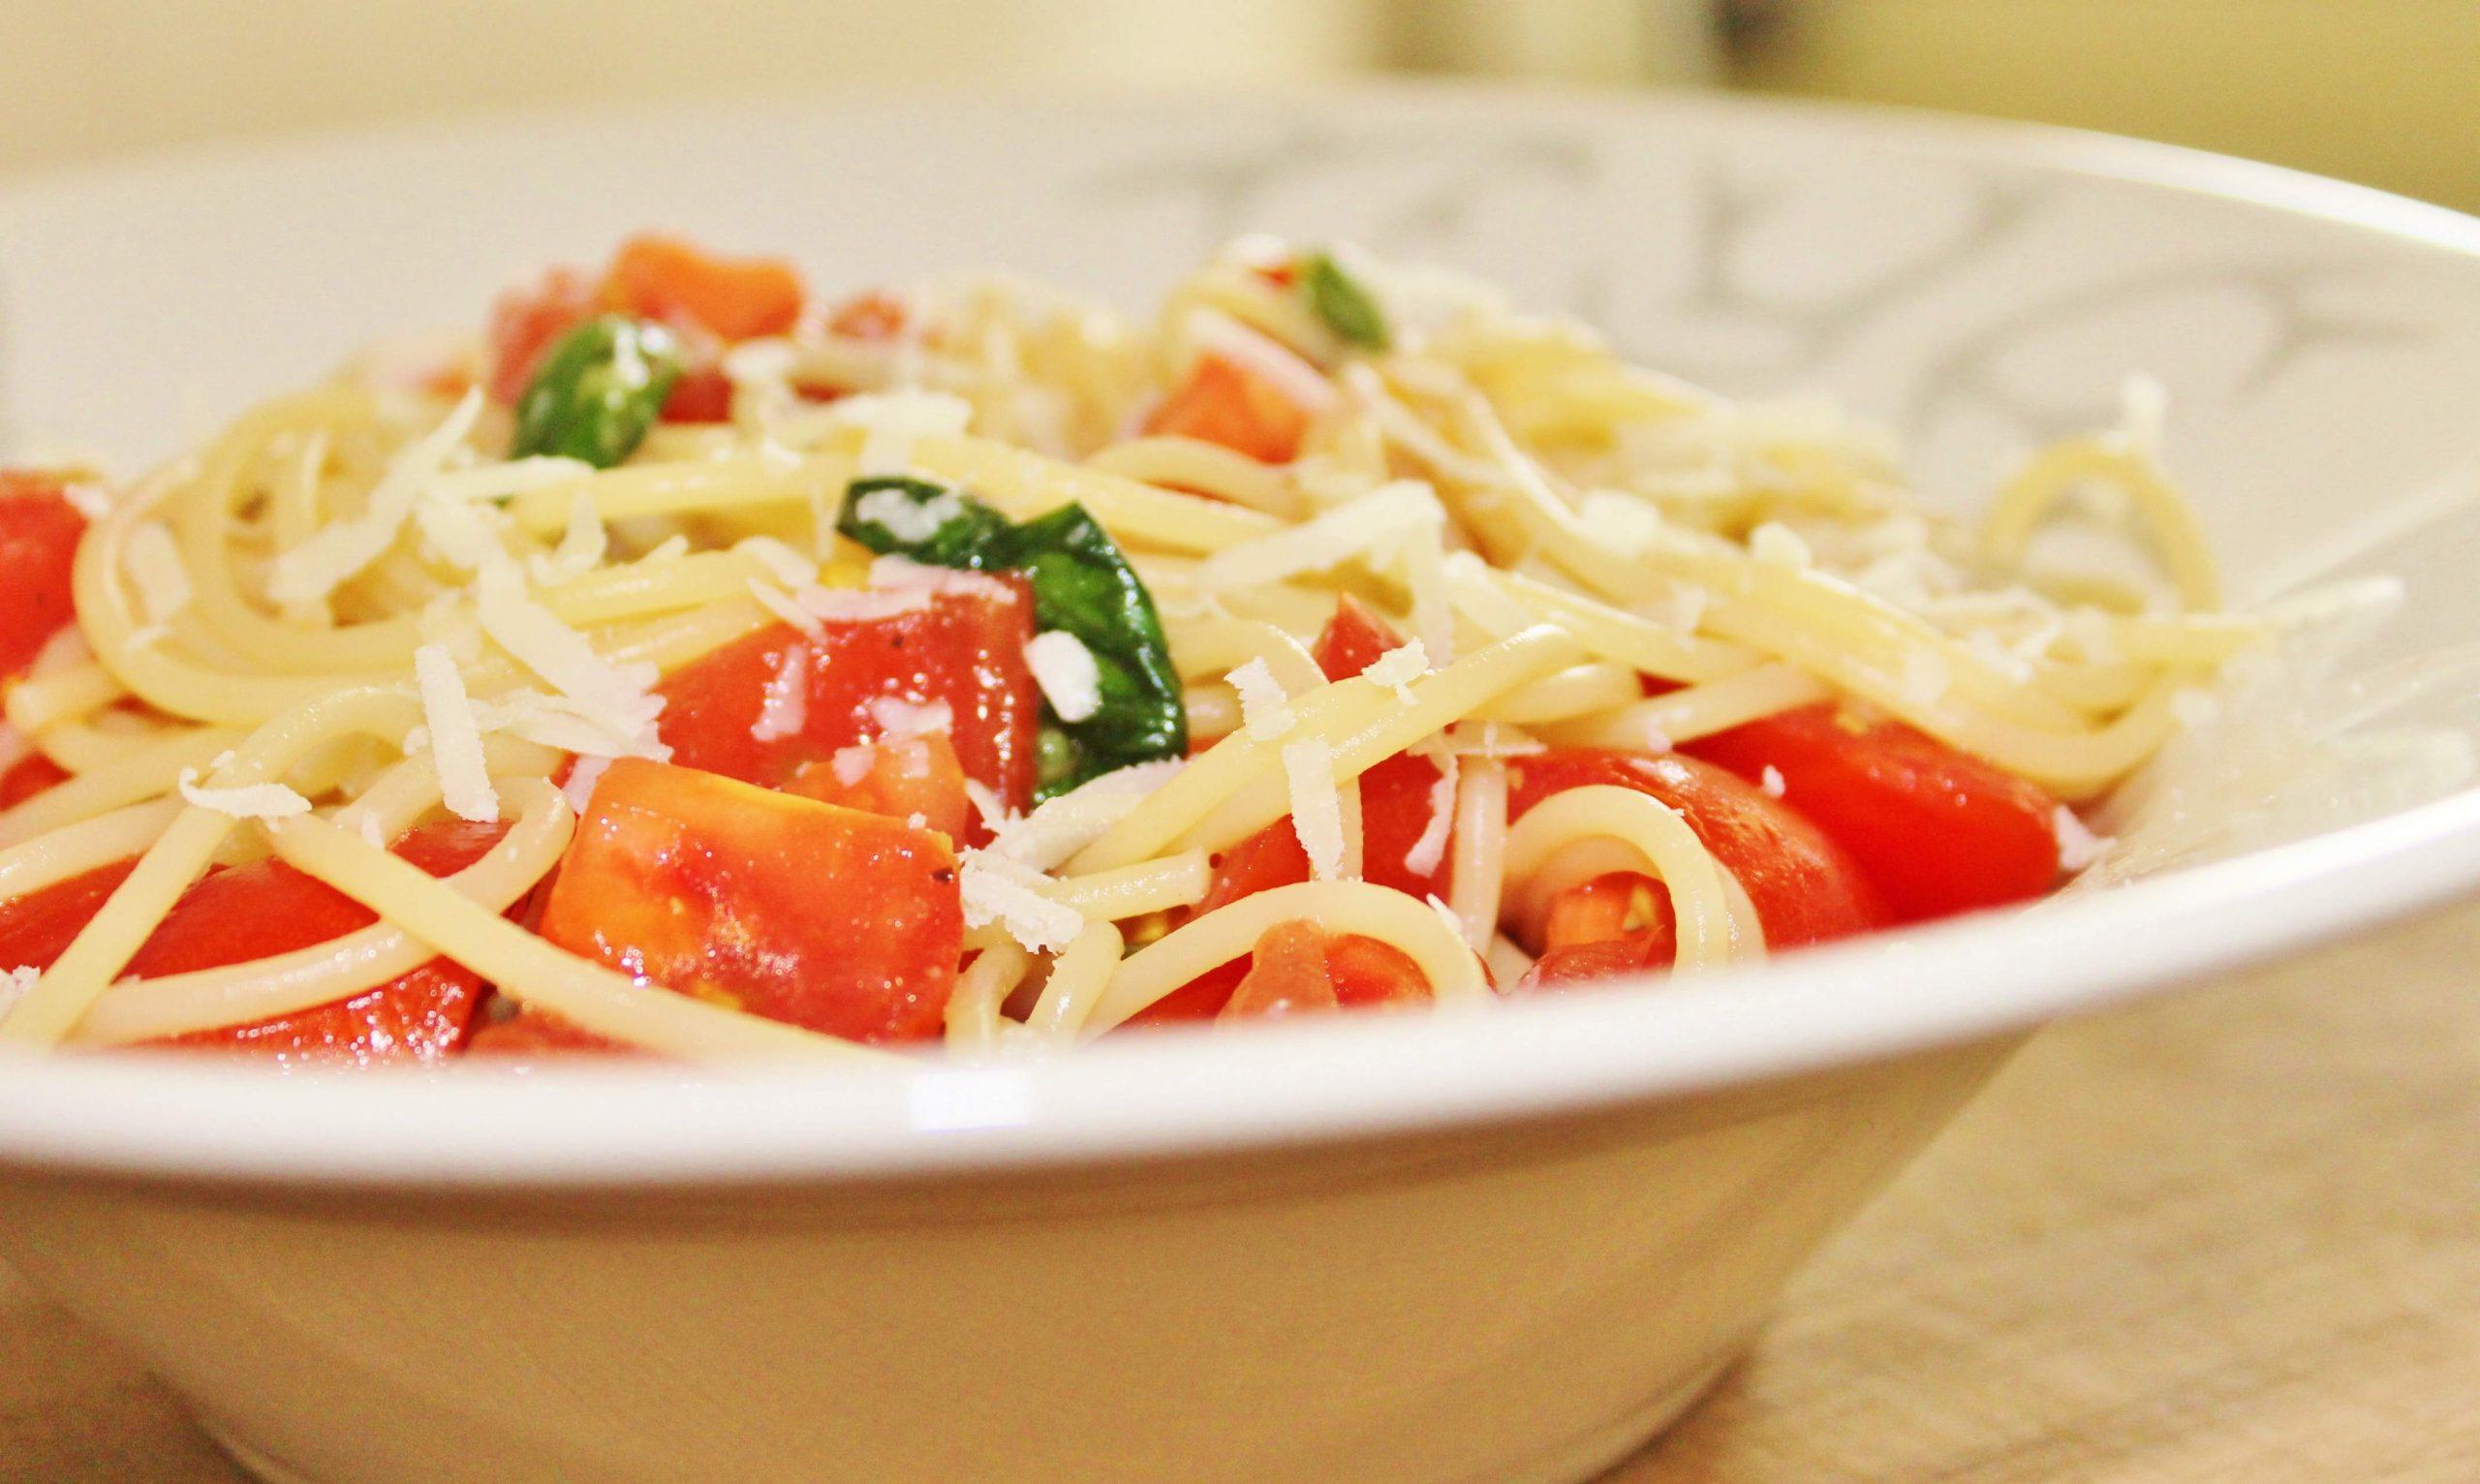 Špagete crudi za večeru